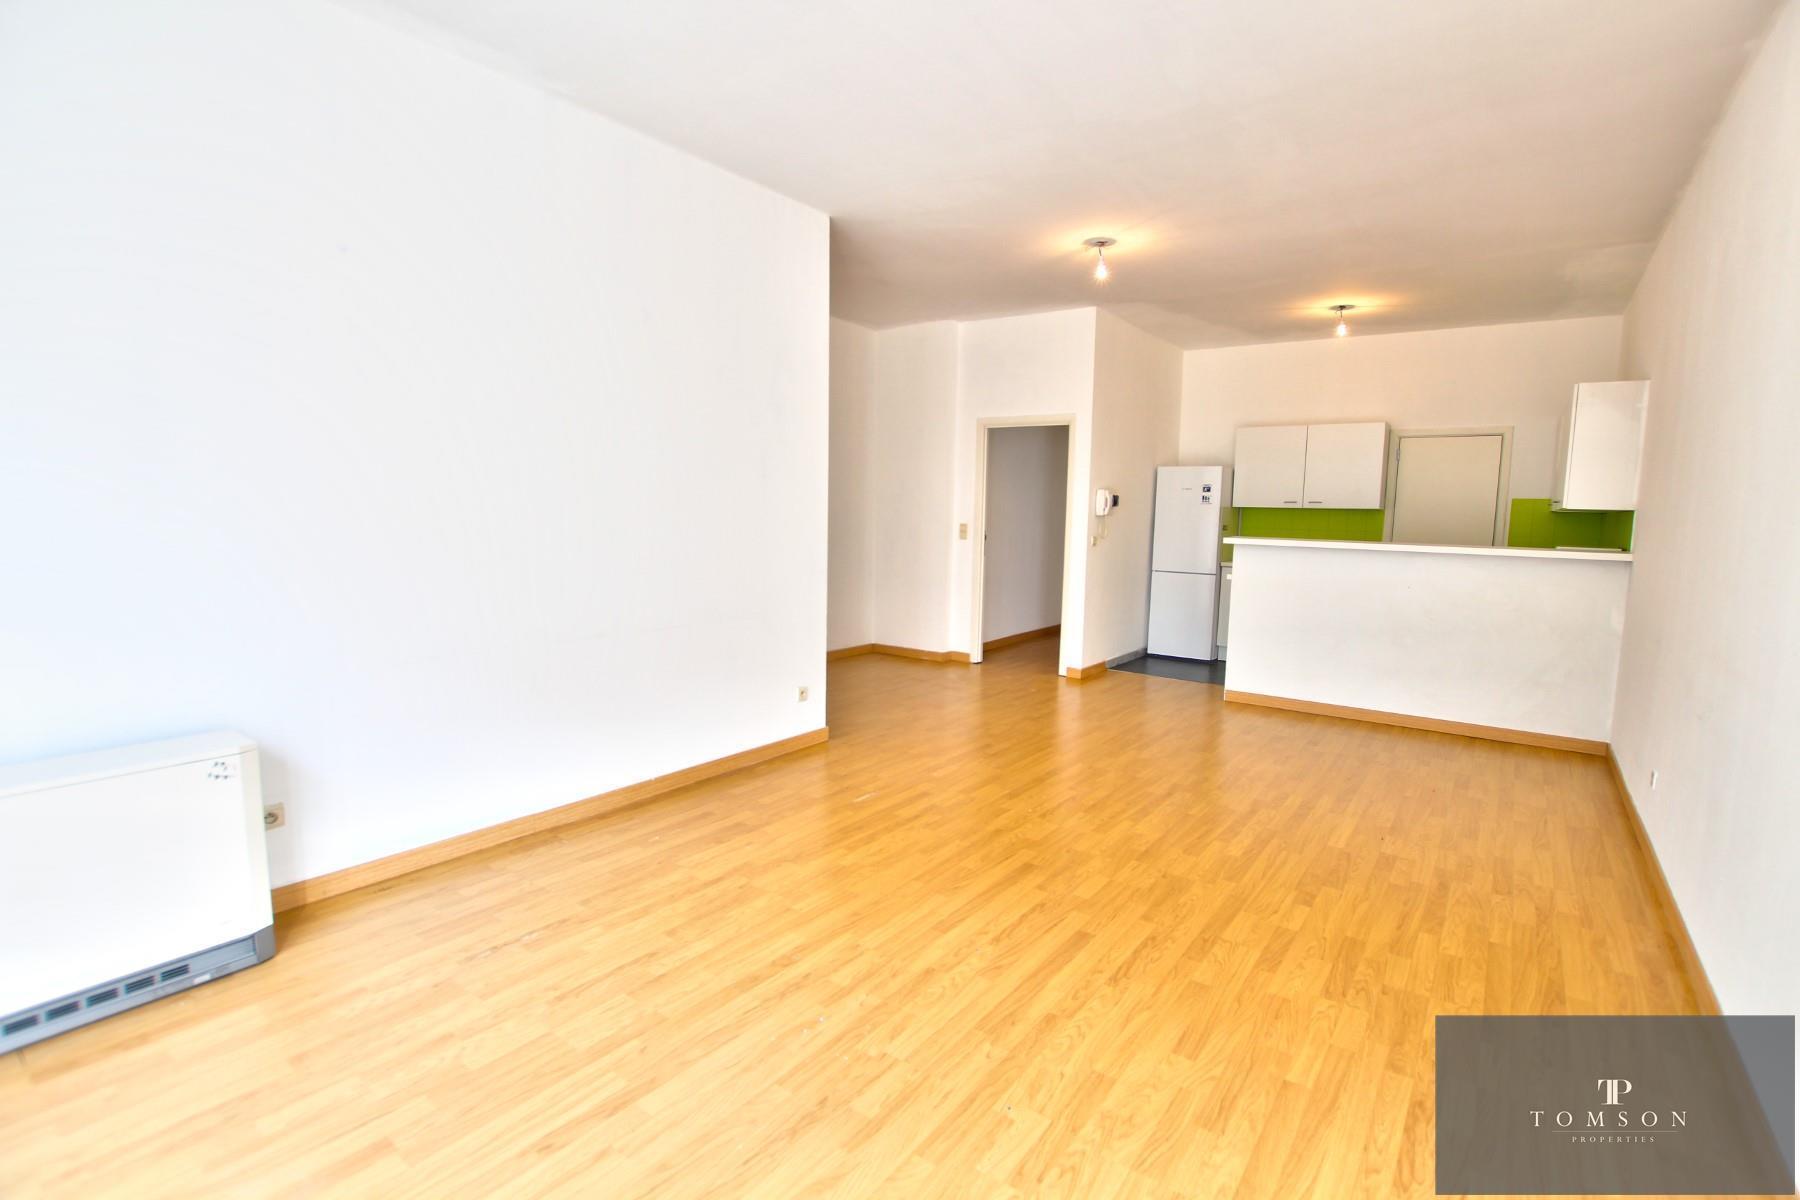 Appartement - Etterbeek - #4324778-1